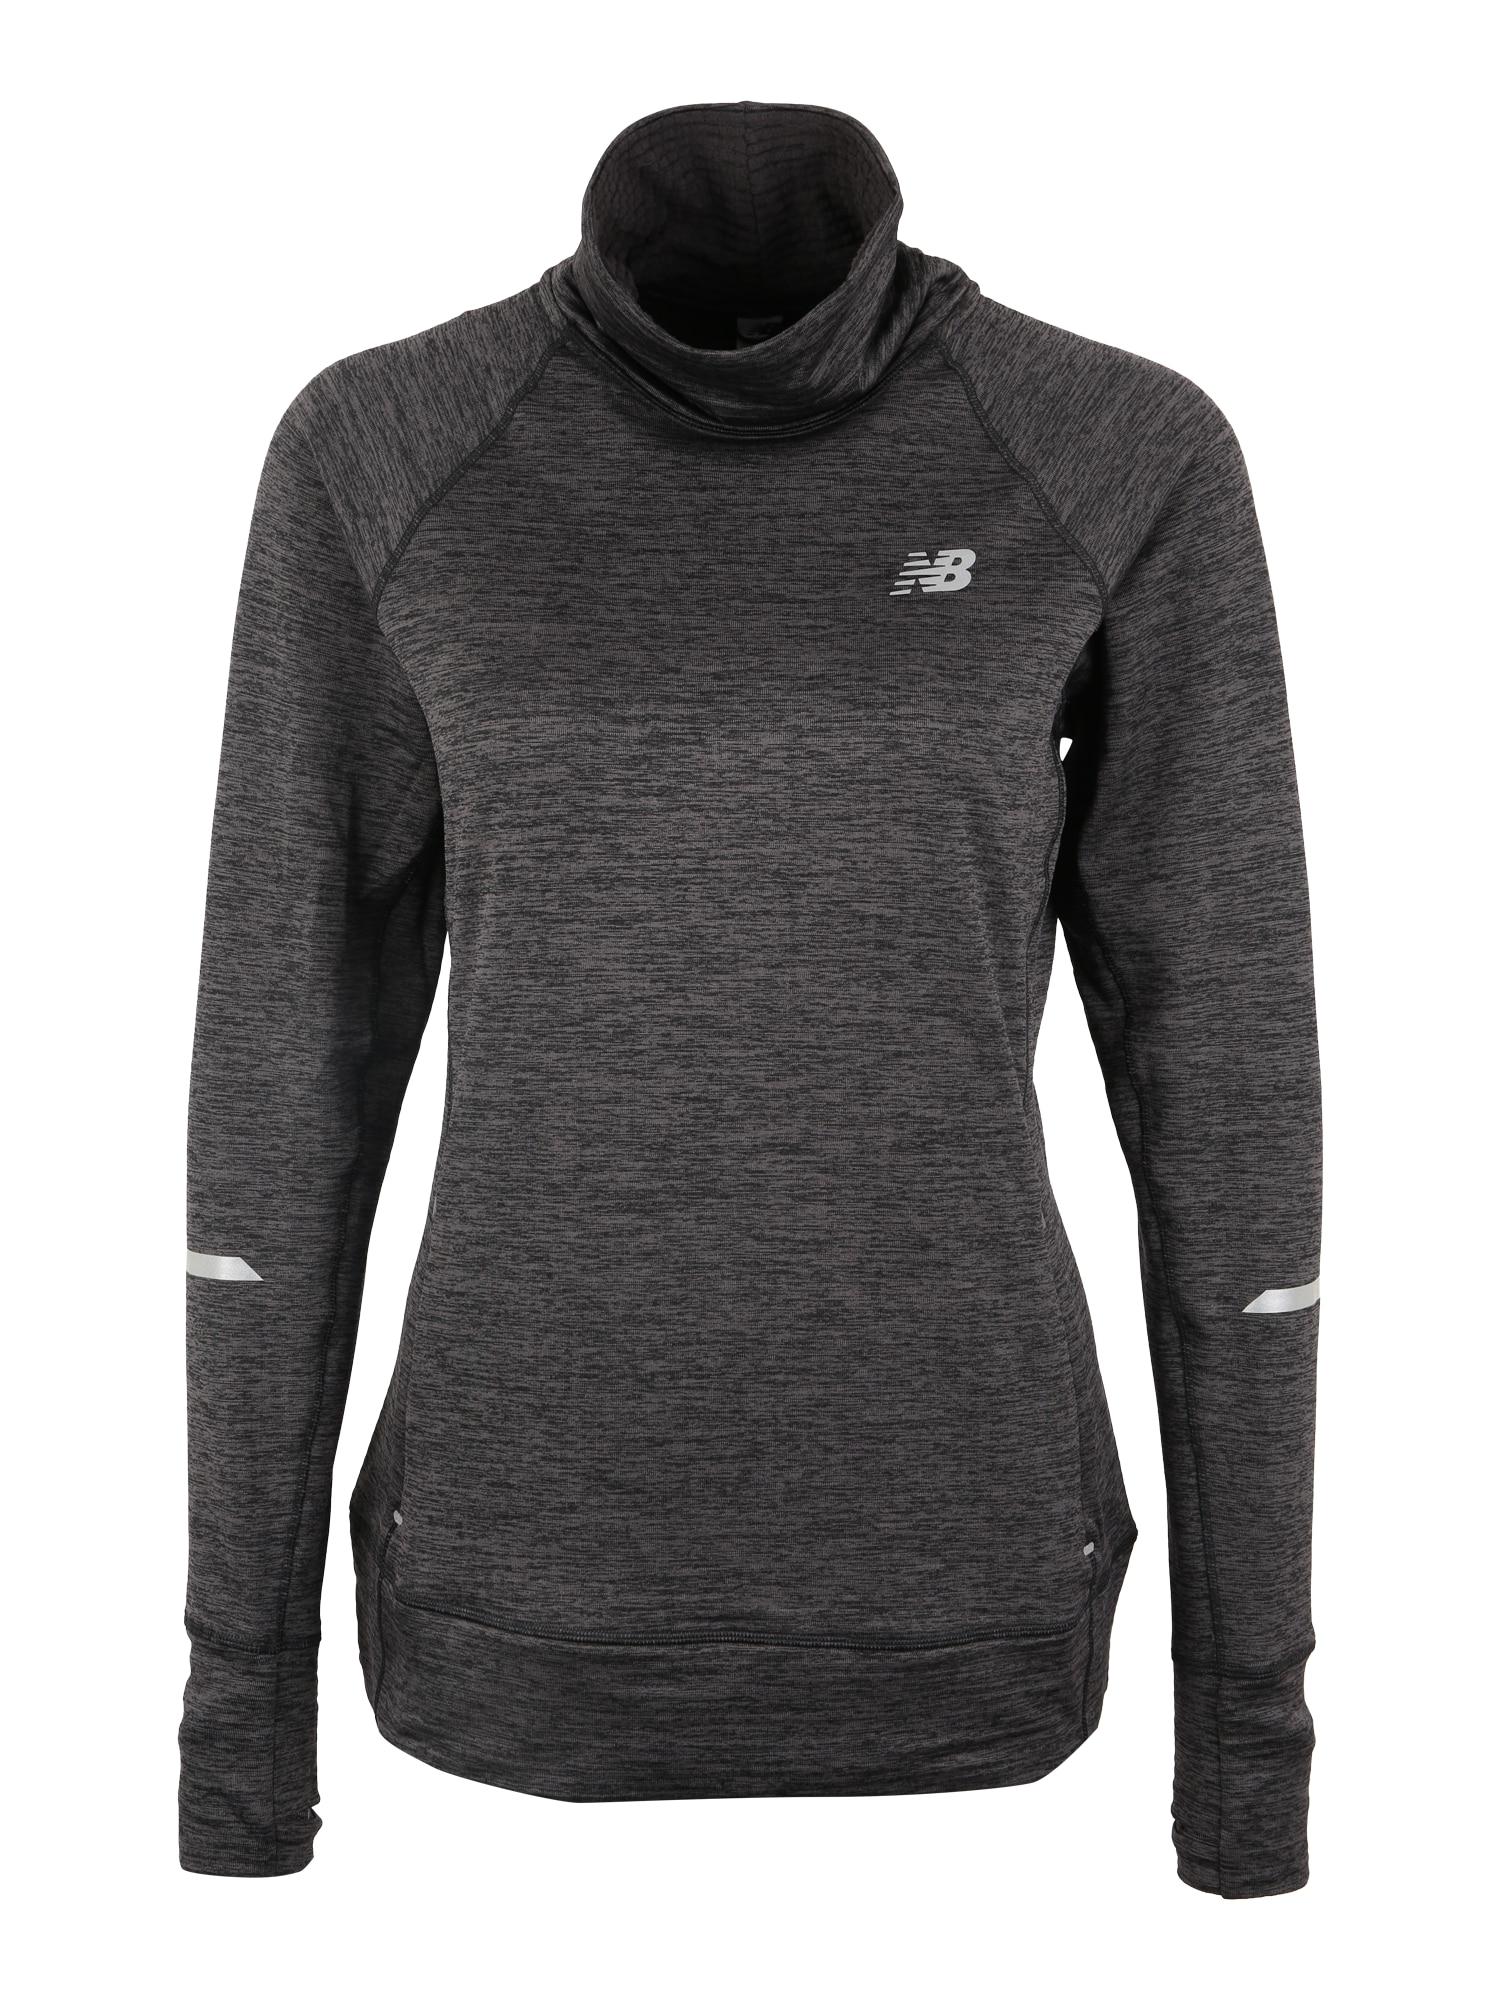 Sportovní svetr WT83246 tmavě šedá černá New Balance